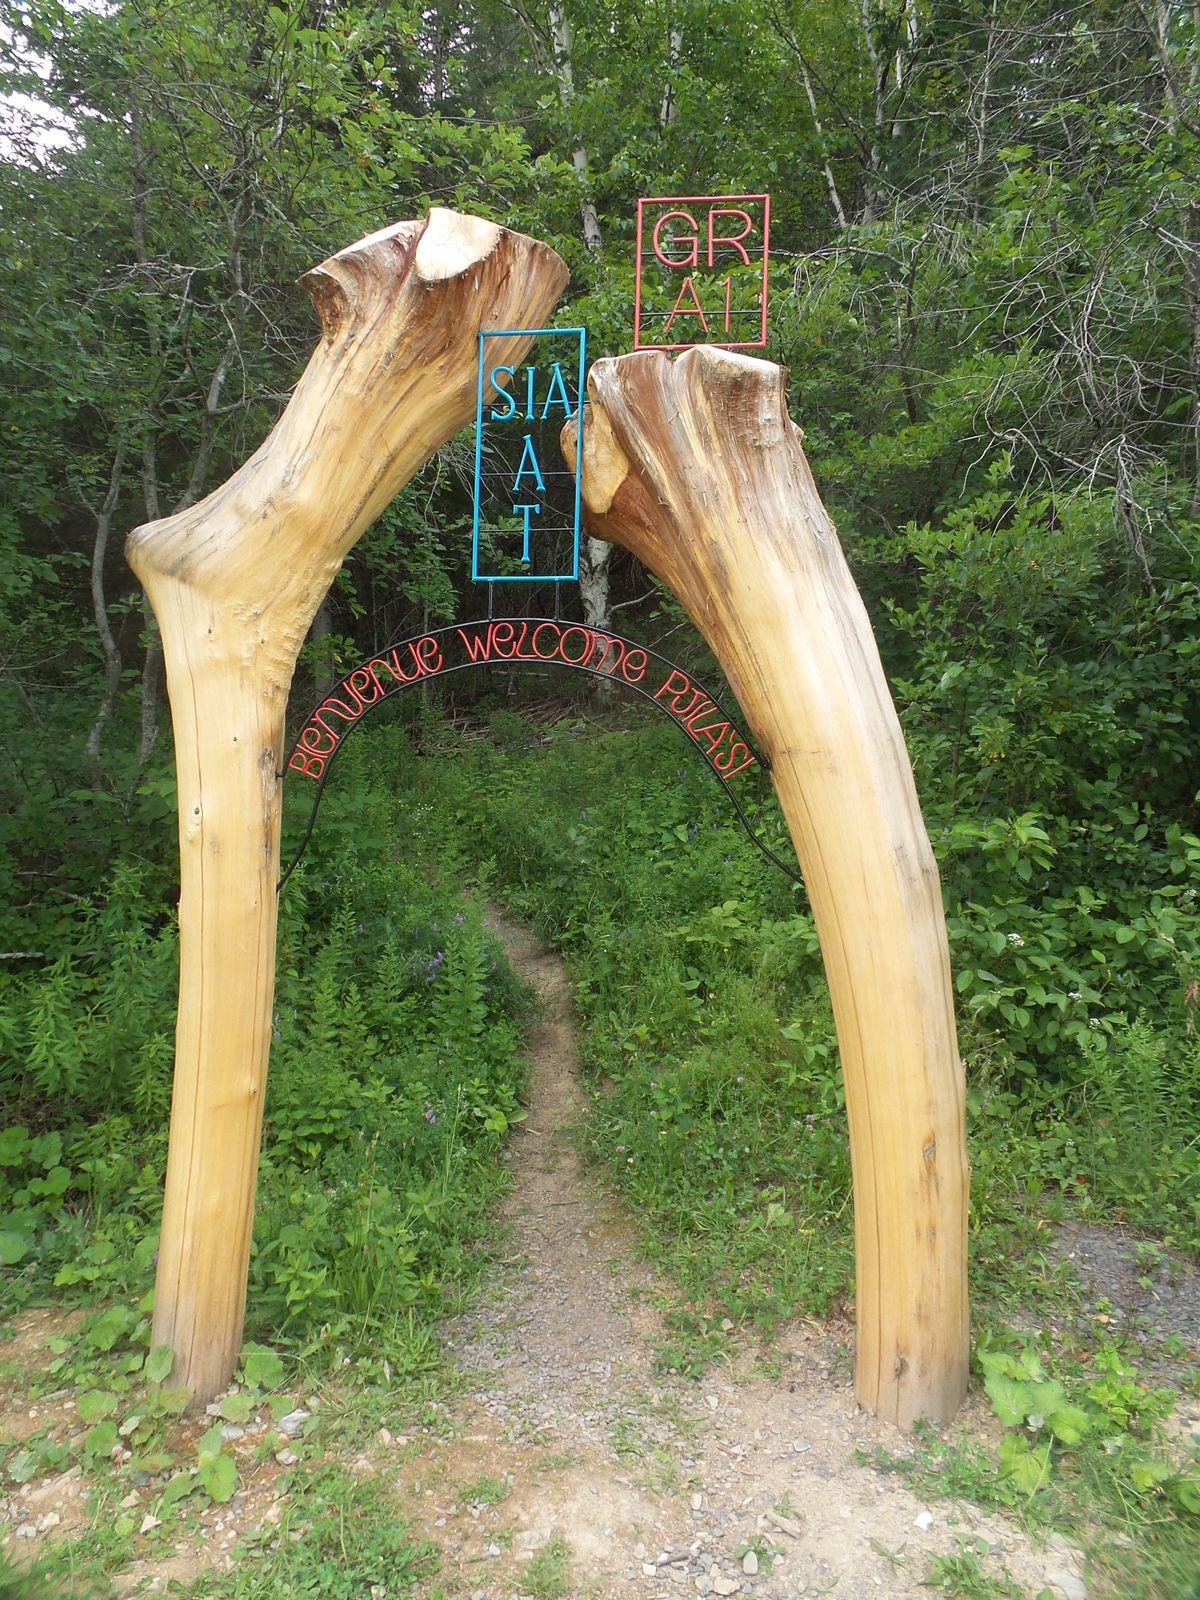 Bravo à Jessie et son équipe qui ont créé ce magnifique arche de bienvenue trilingue qui marque le début de notre randonnée!